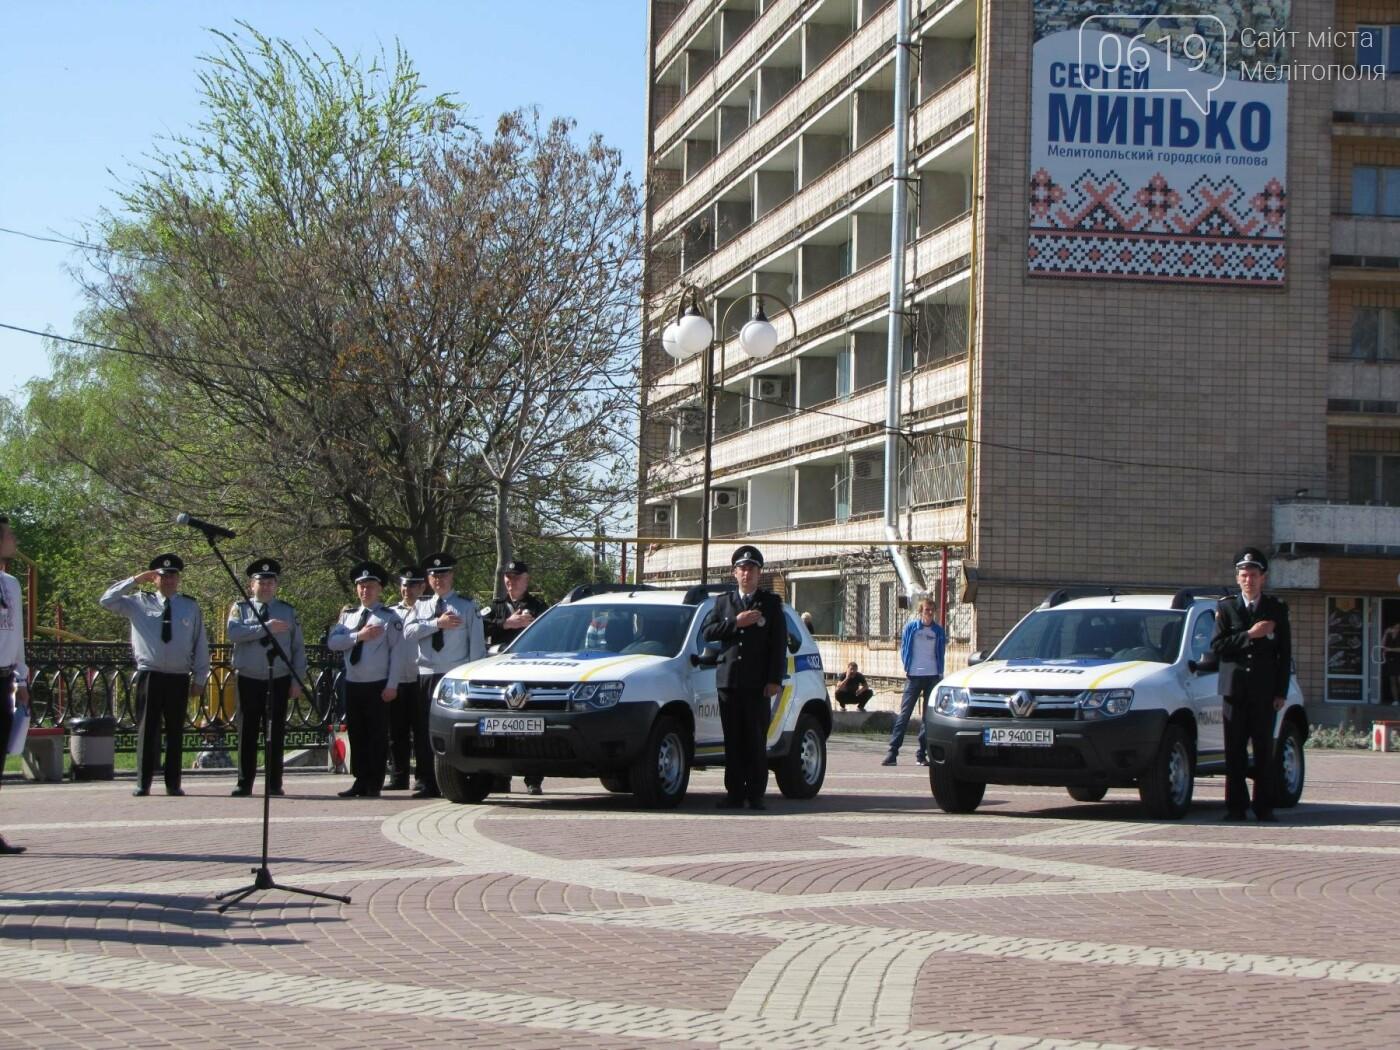 Мелитопольской полиции торжественно вручили новые служебные автомобили, фото-14